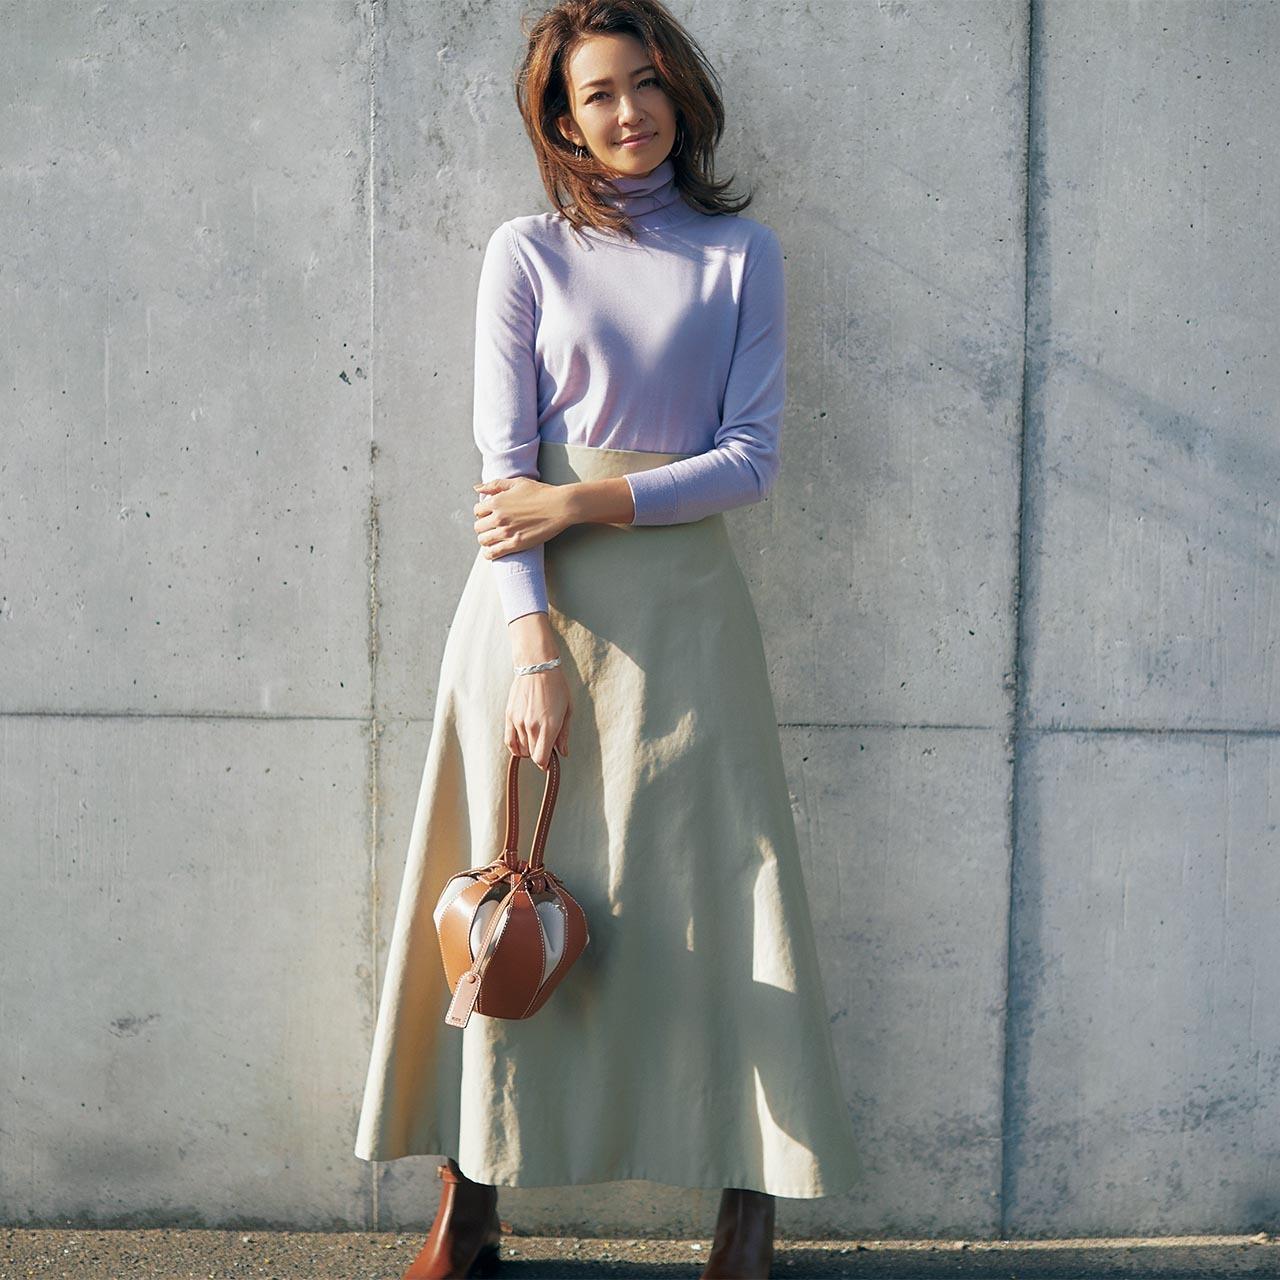 ラベンダーのニット×ベージュのスカートコーデを着たモデルのリナさん